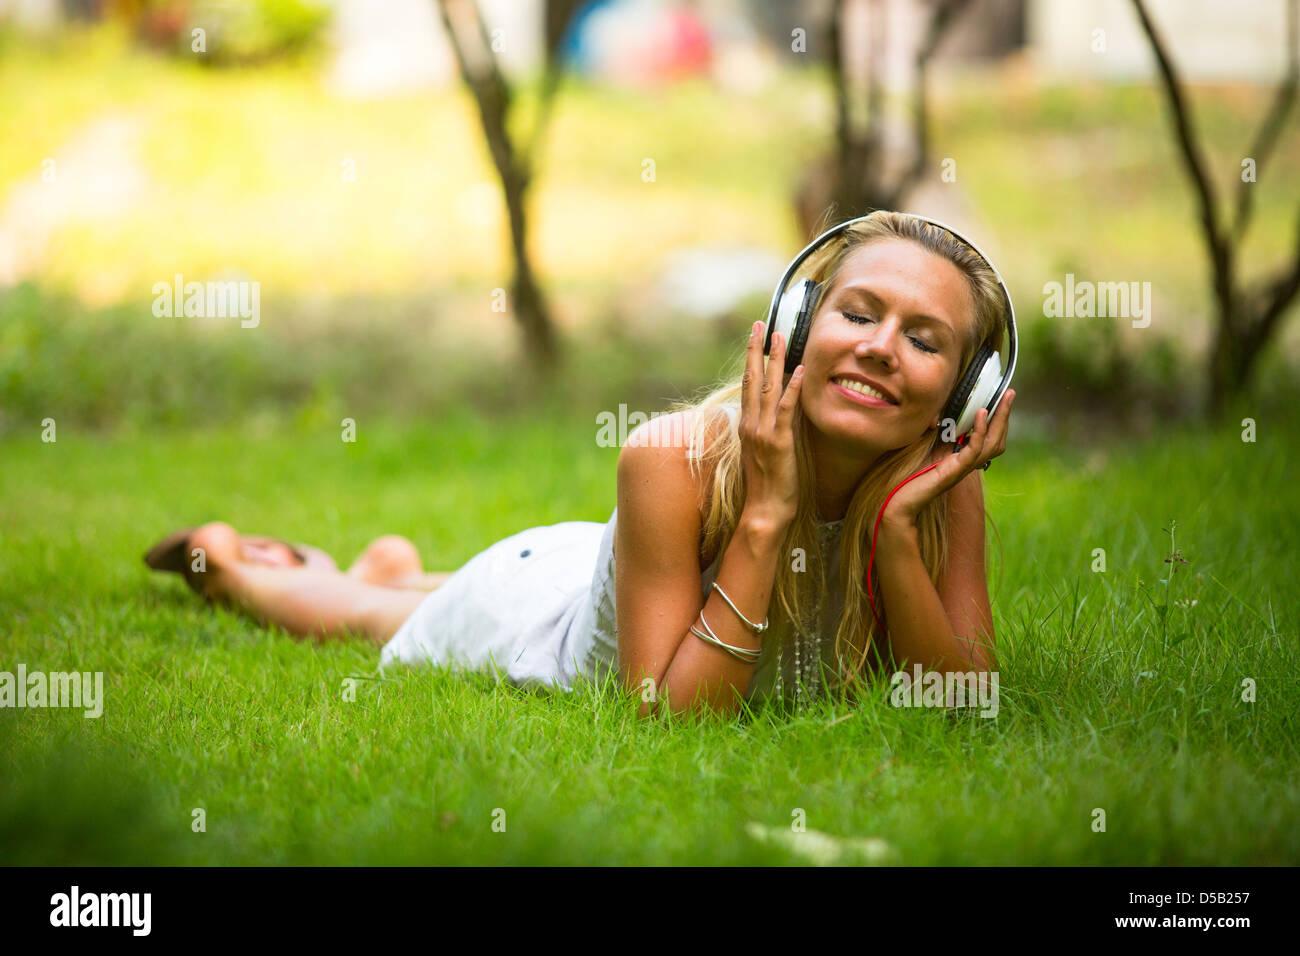 Glück emotionale Mädchen mit Kopfhörern genießen Natur und Musik am sonnigen Tag. Stockbild